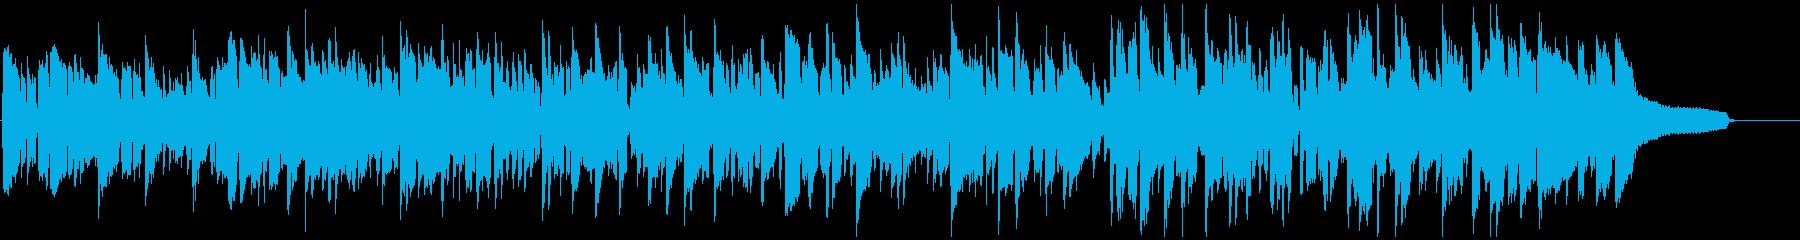 キュートで切ないリコーダーのボサノバの再生済みの波形